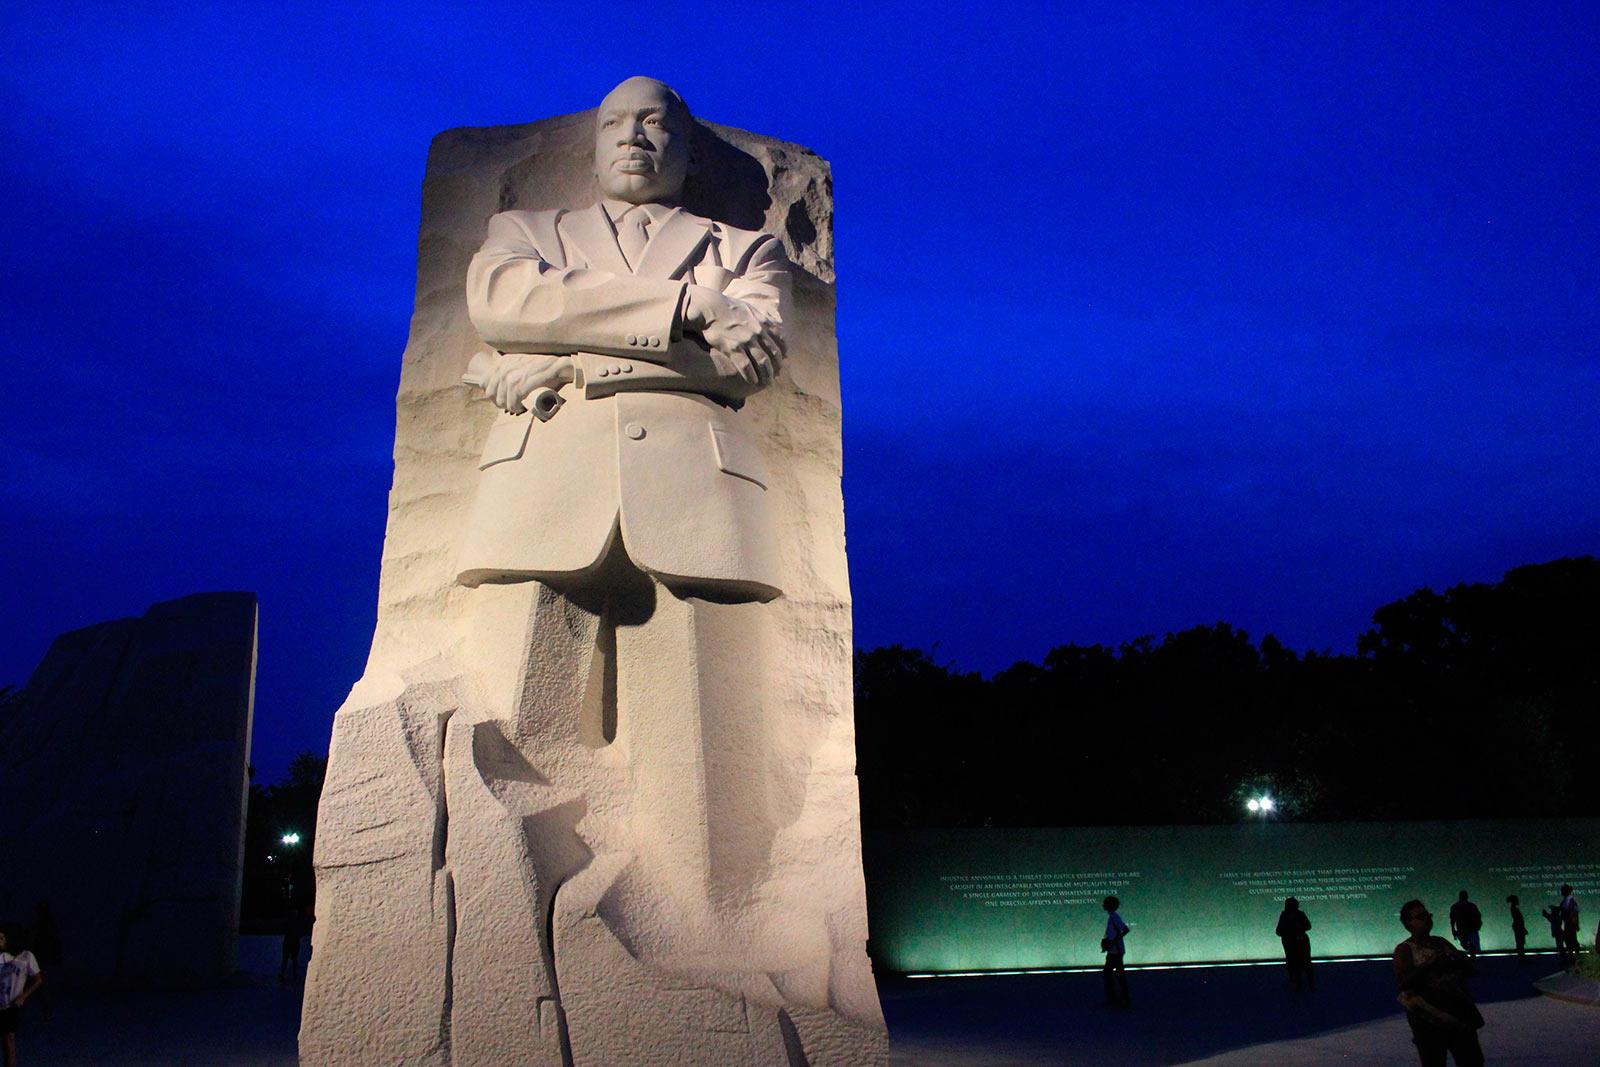 MLK Memorial at Night - National Mall - Washington, DC